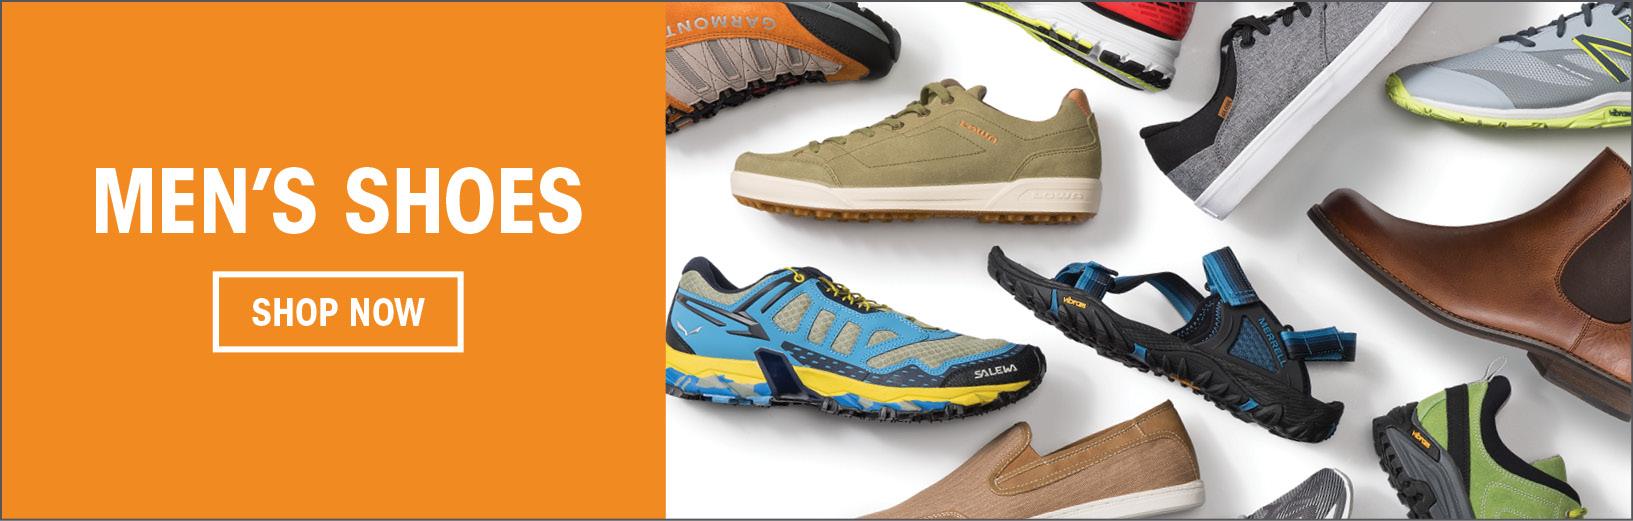 Men's Shoes - Shop Now